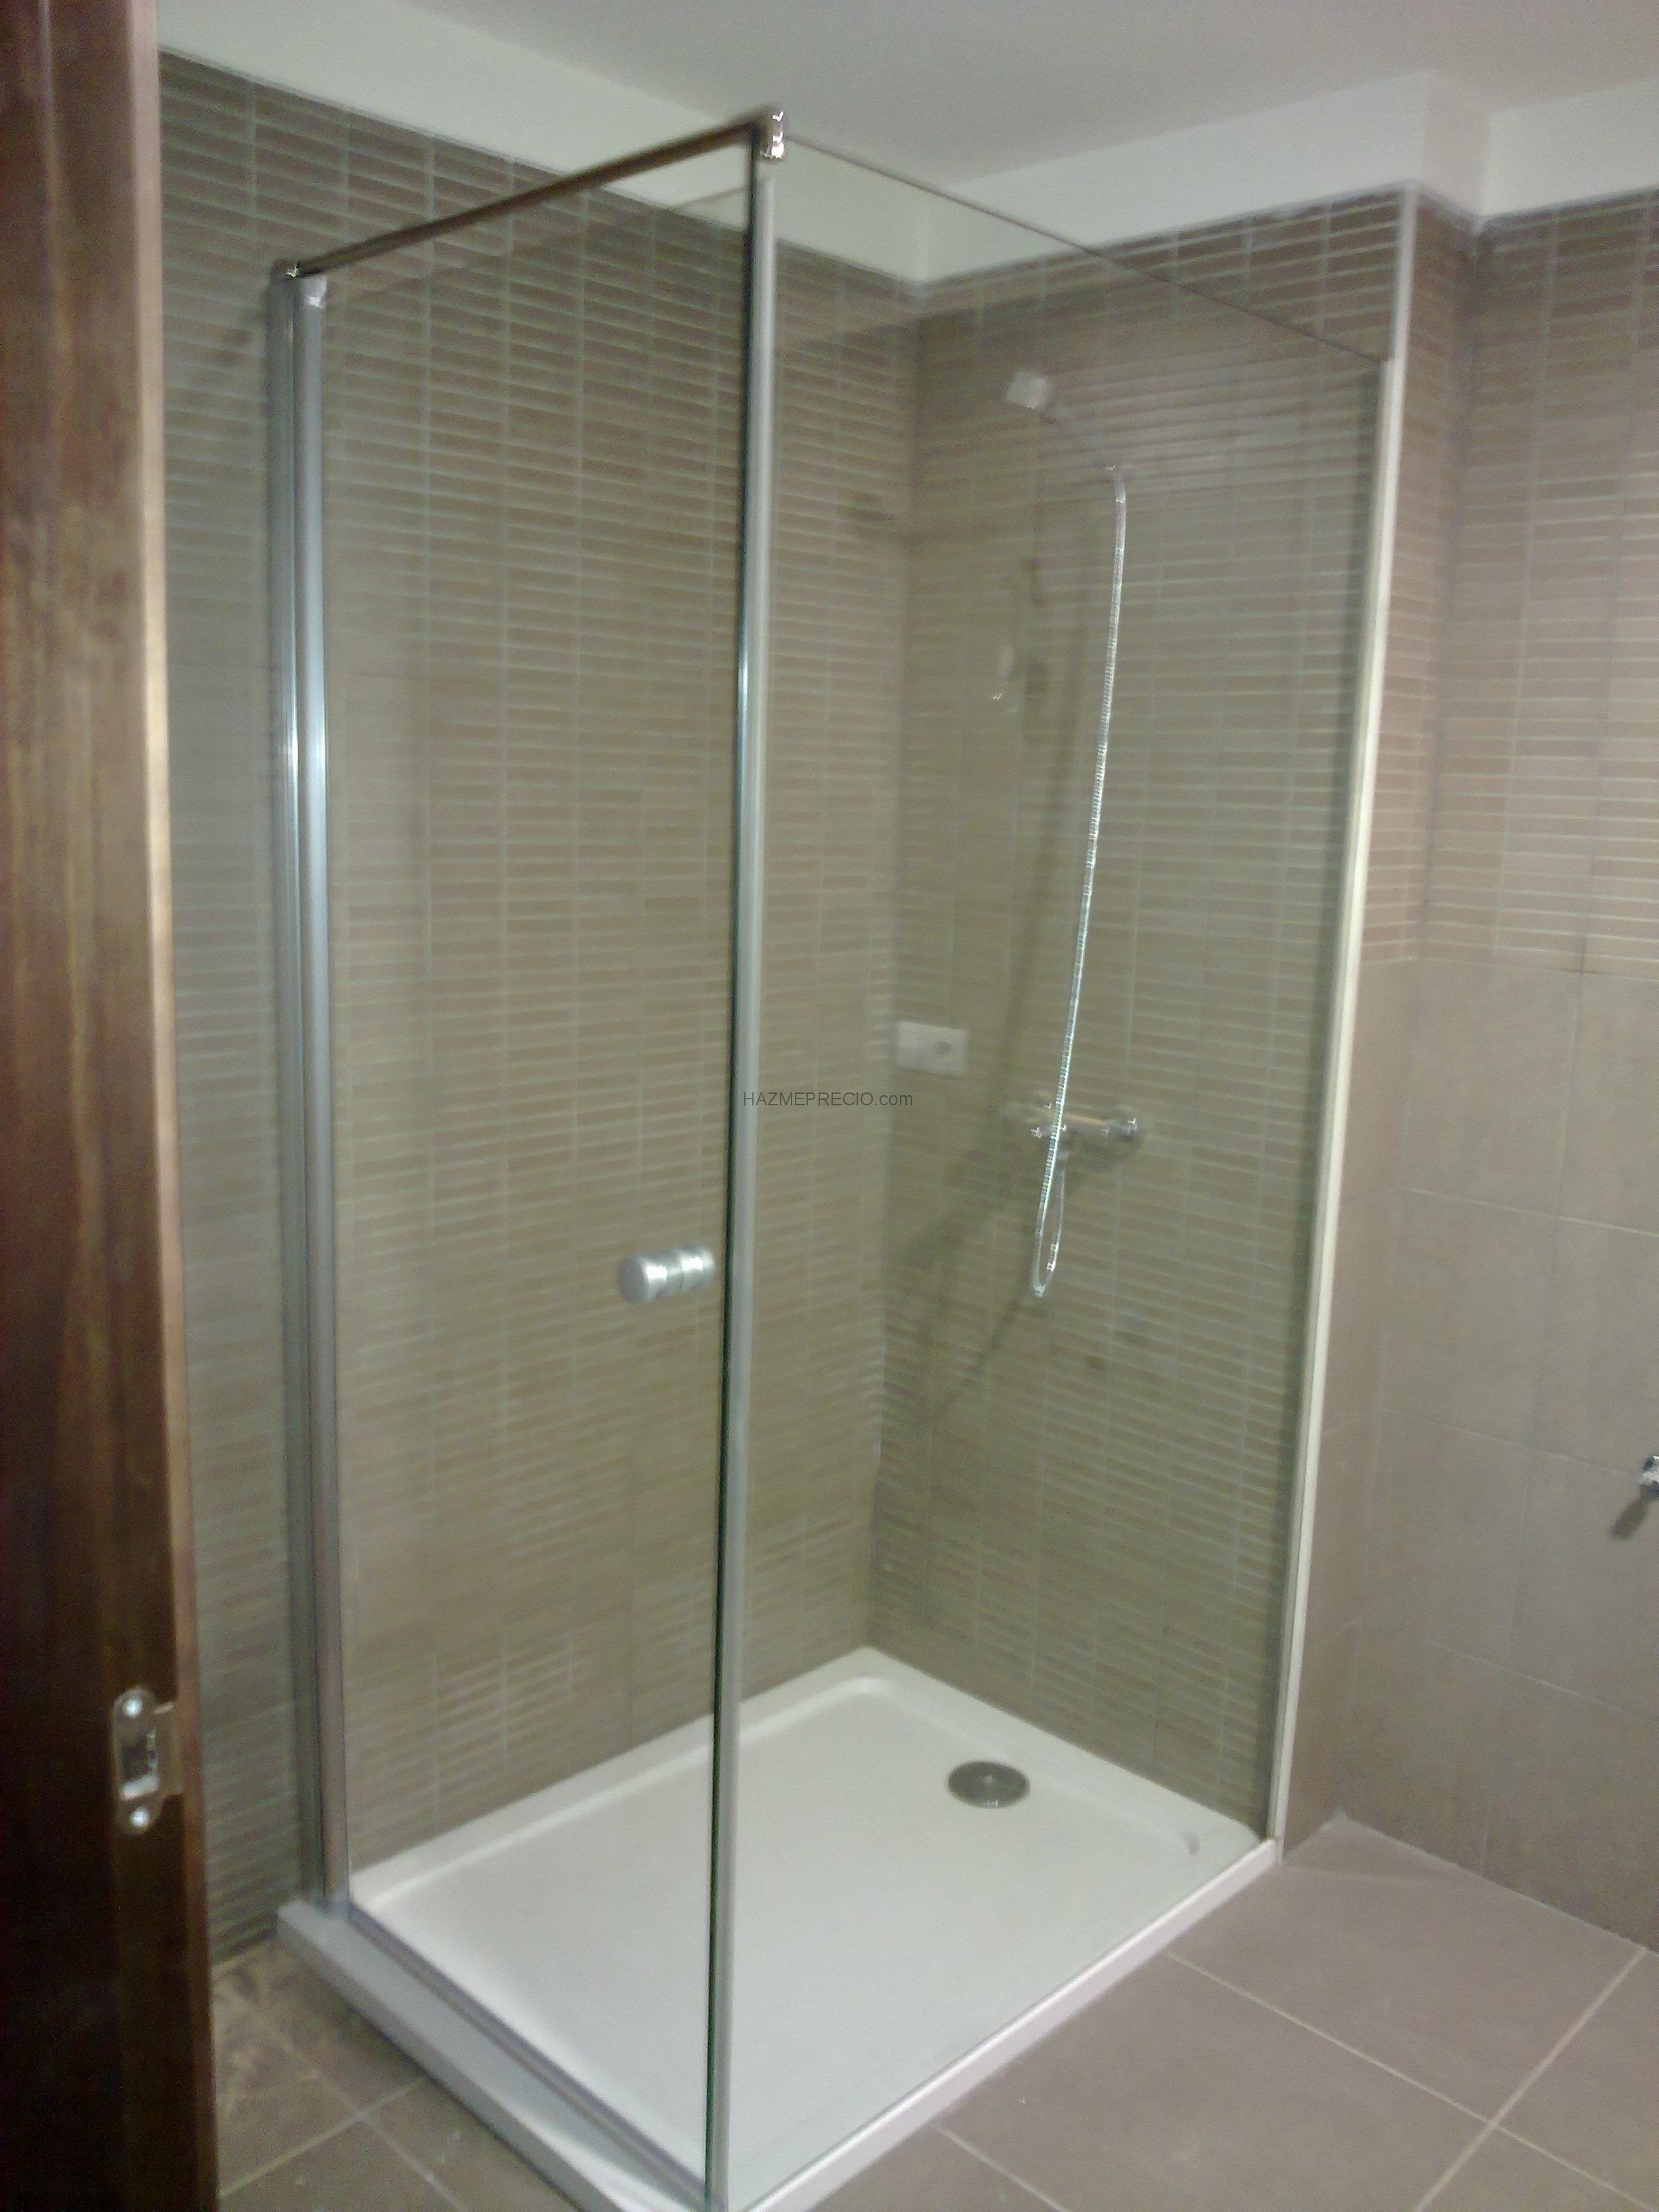 Mamparas Para Baño De Acero Inoxidable: de cristal, cortina de cristal en Guía de Isora:MAMPARA DE BAÑO